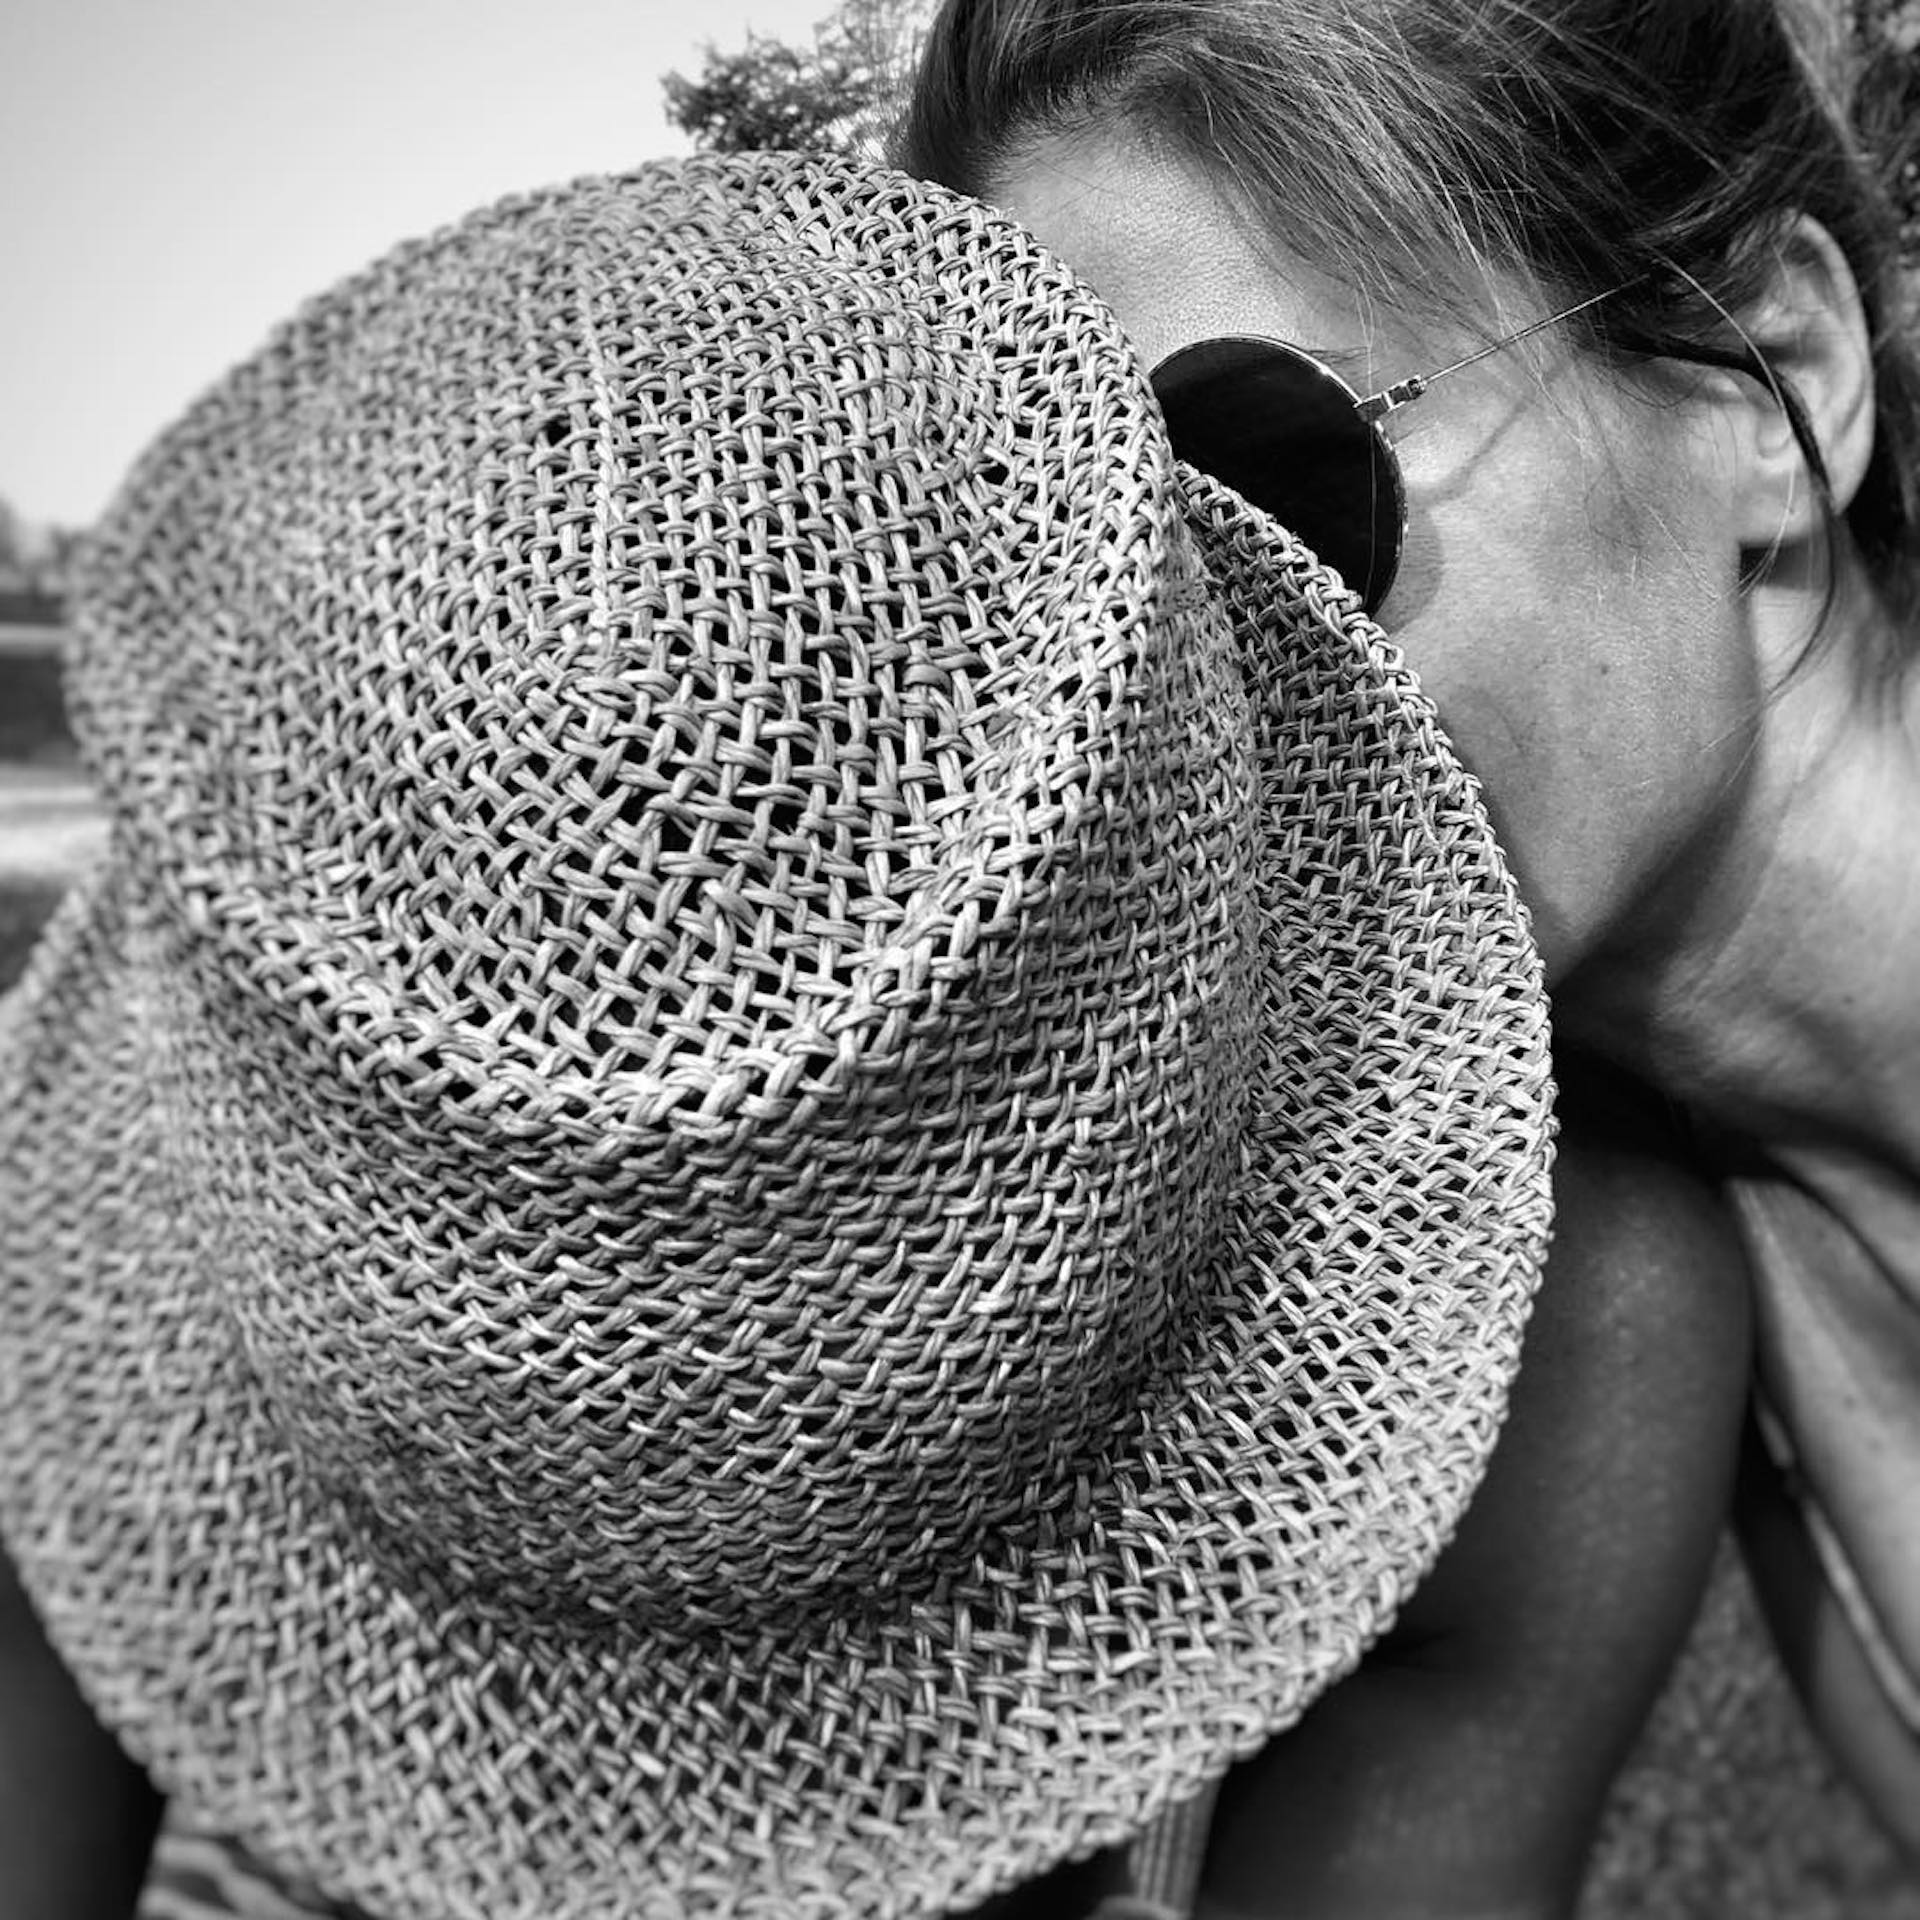 Pista uno: Eugenia Tobal ¿besando a Francisco García Ibar? (Foto Instagram)